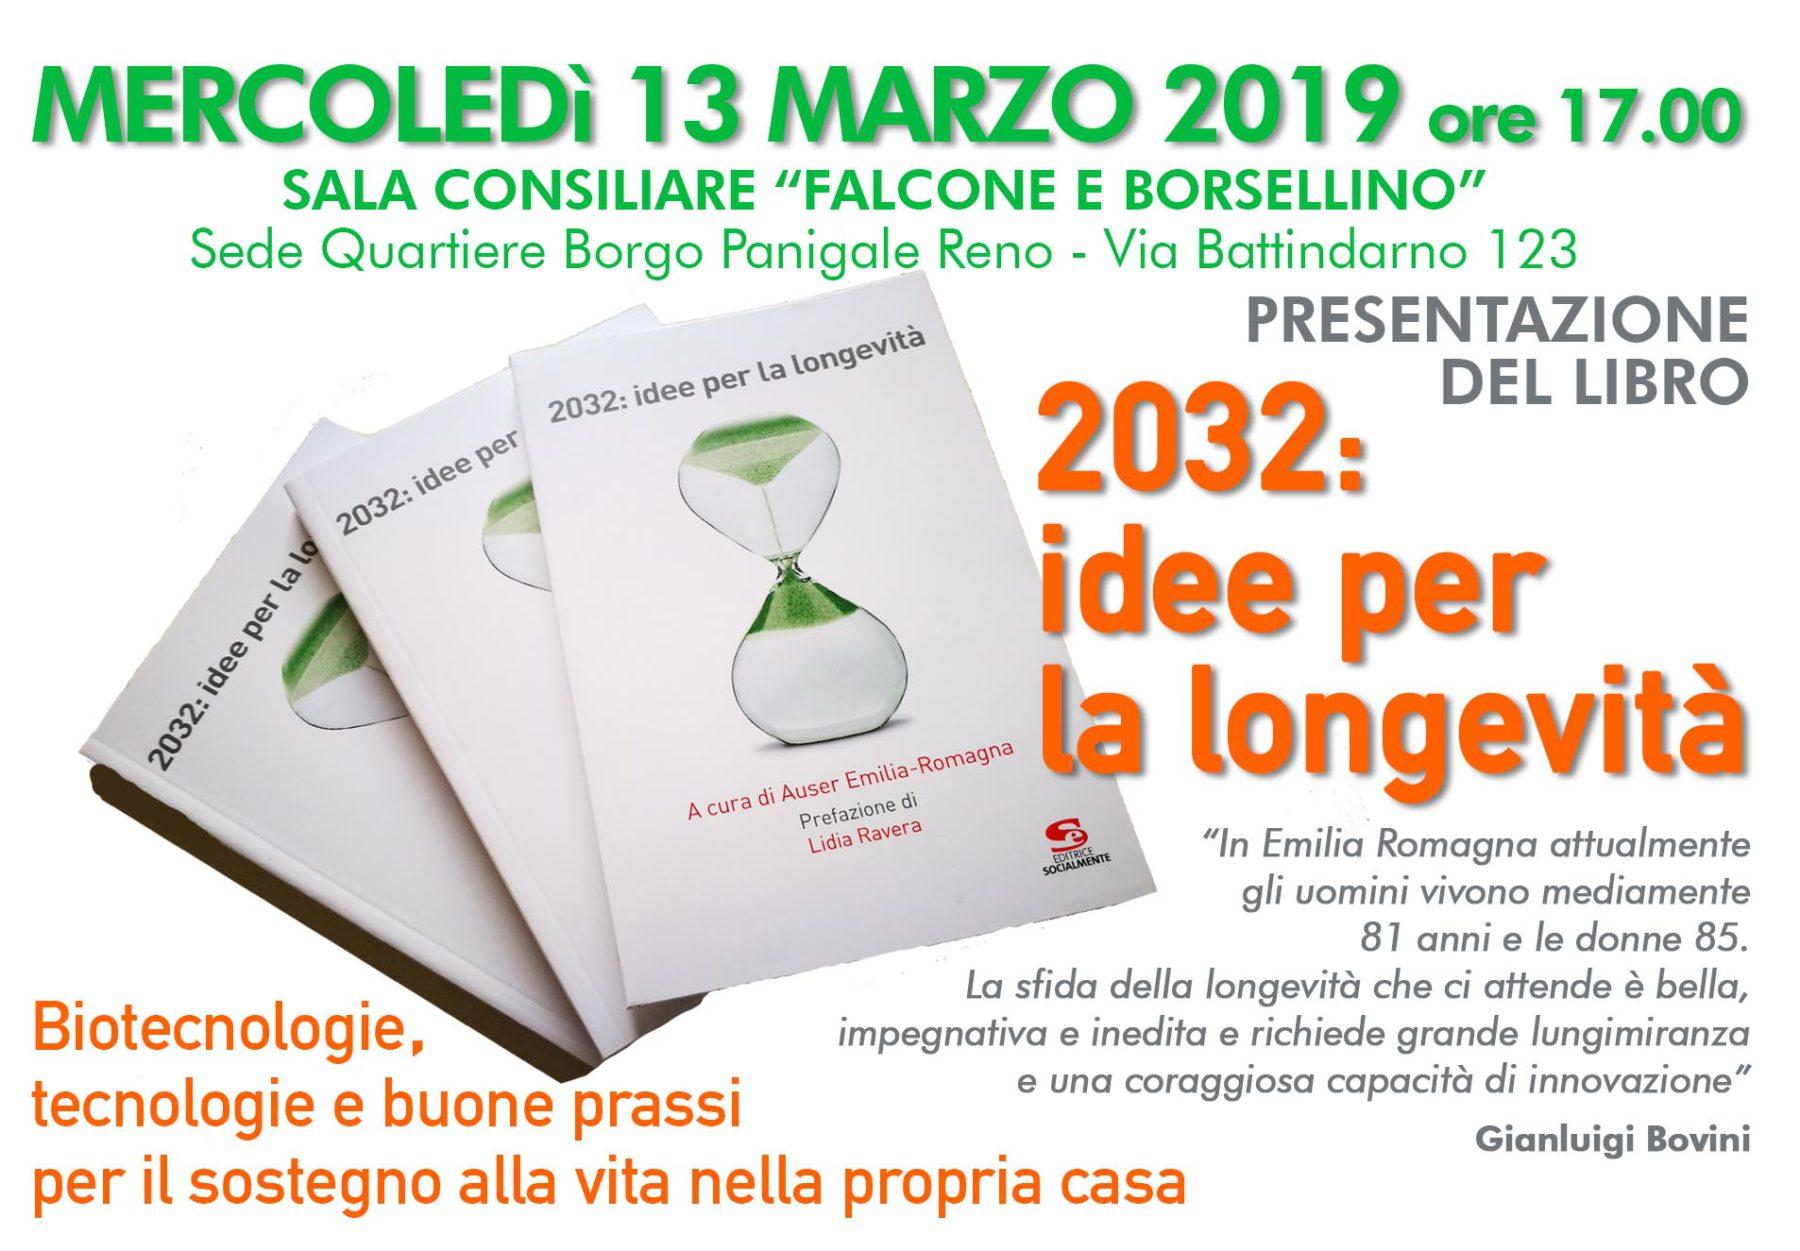 """Biotecnologie e buone prassi per il sostegno alla vita nella propria casa: se ne parla insieme a """"2032: idee per la longevità"""""""